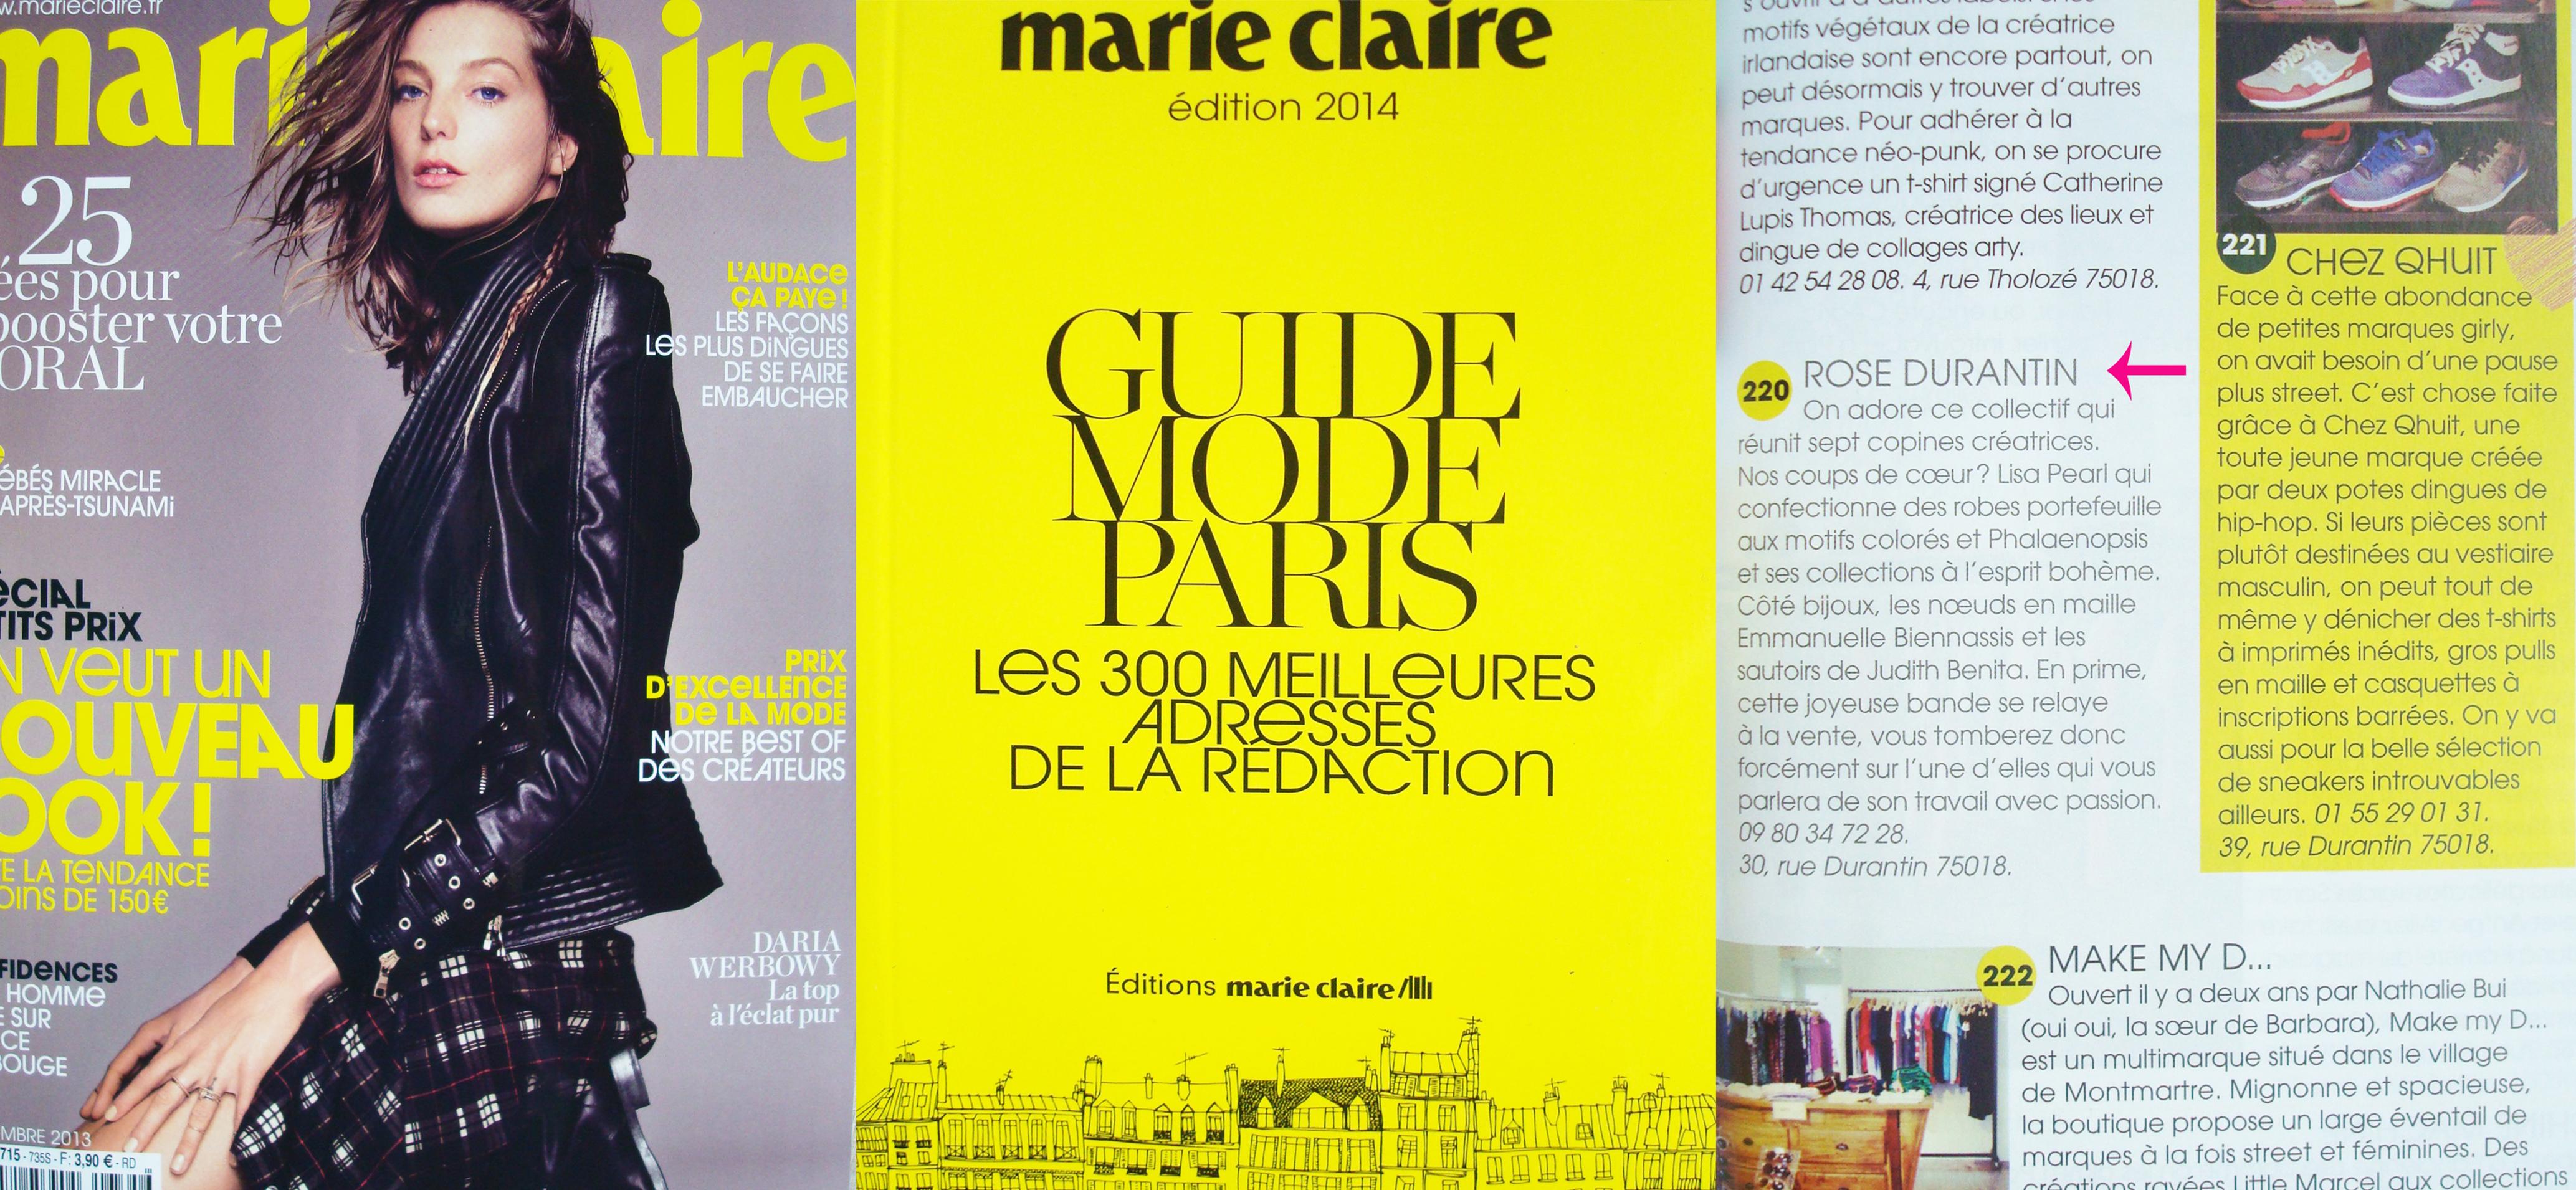 Dans le Guide Mode Paris